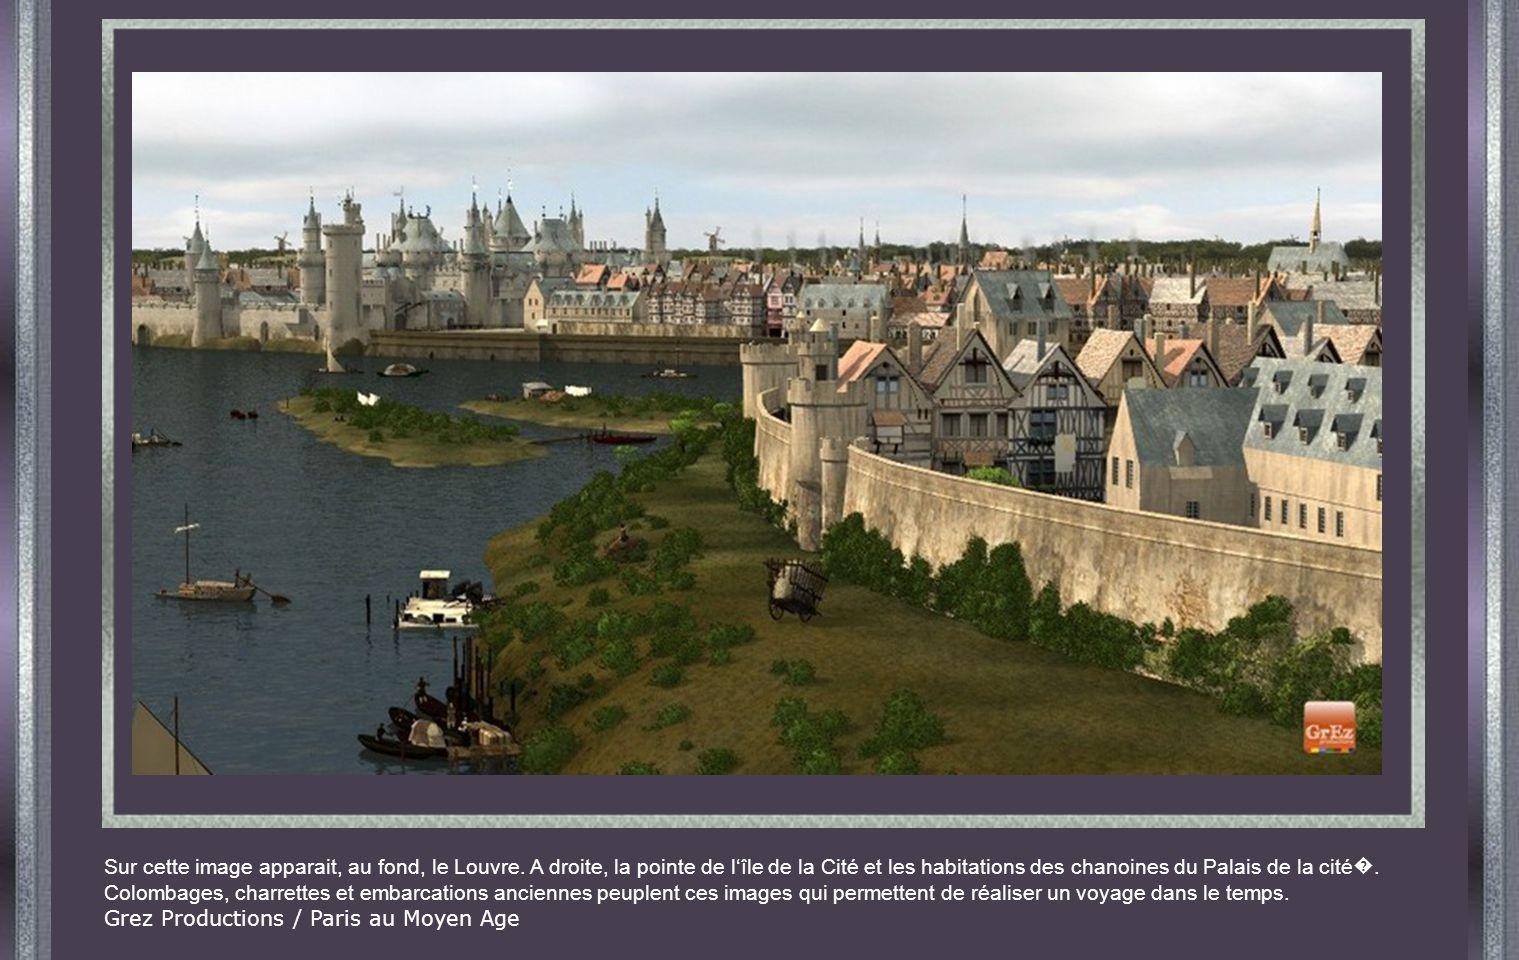 Sur cette image apparait, au fond, le Louvre